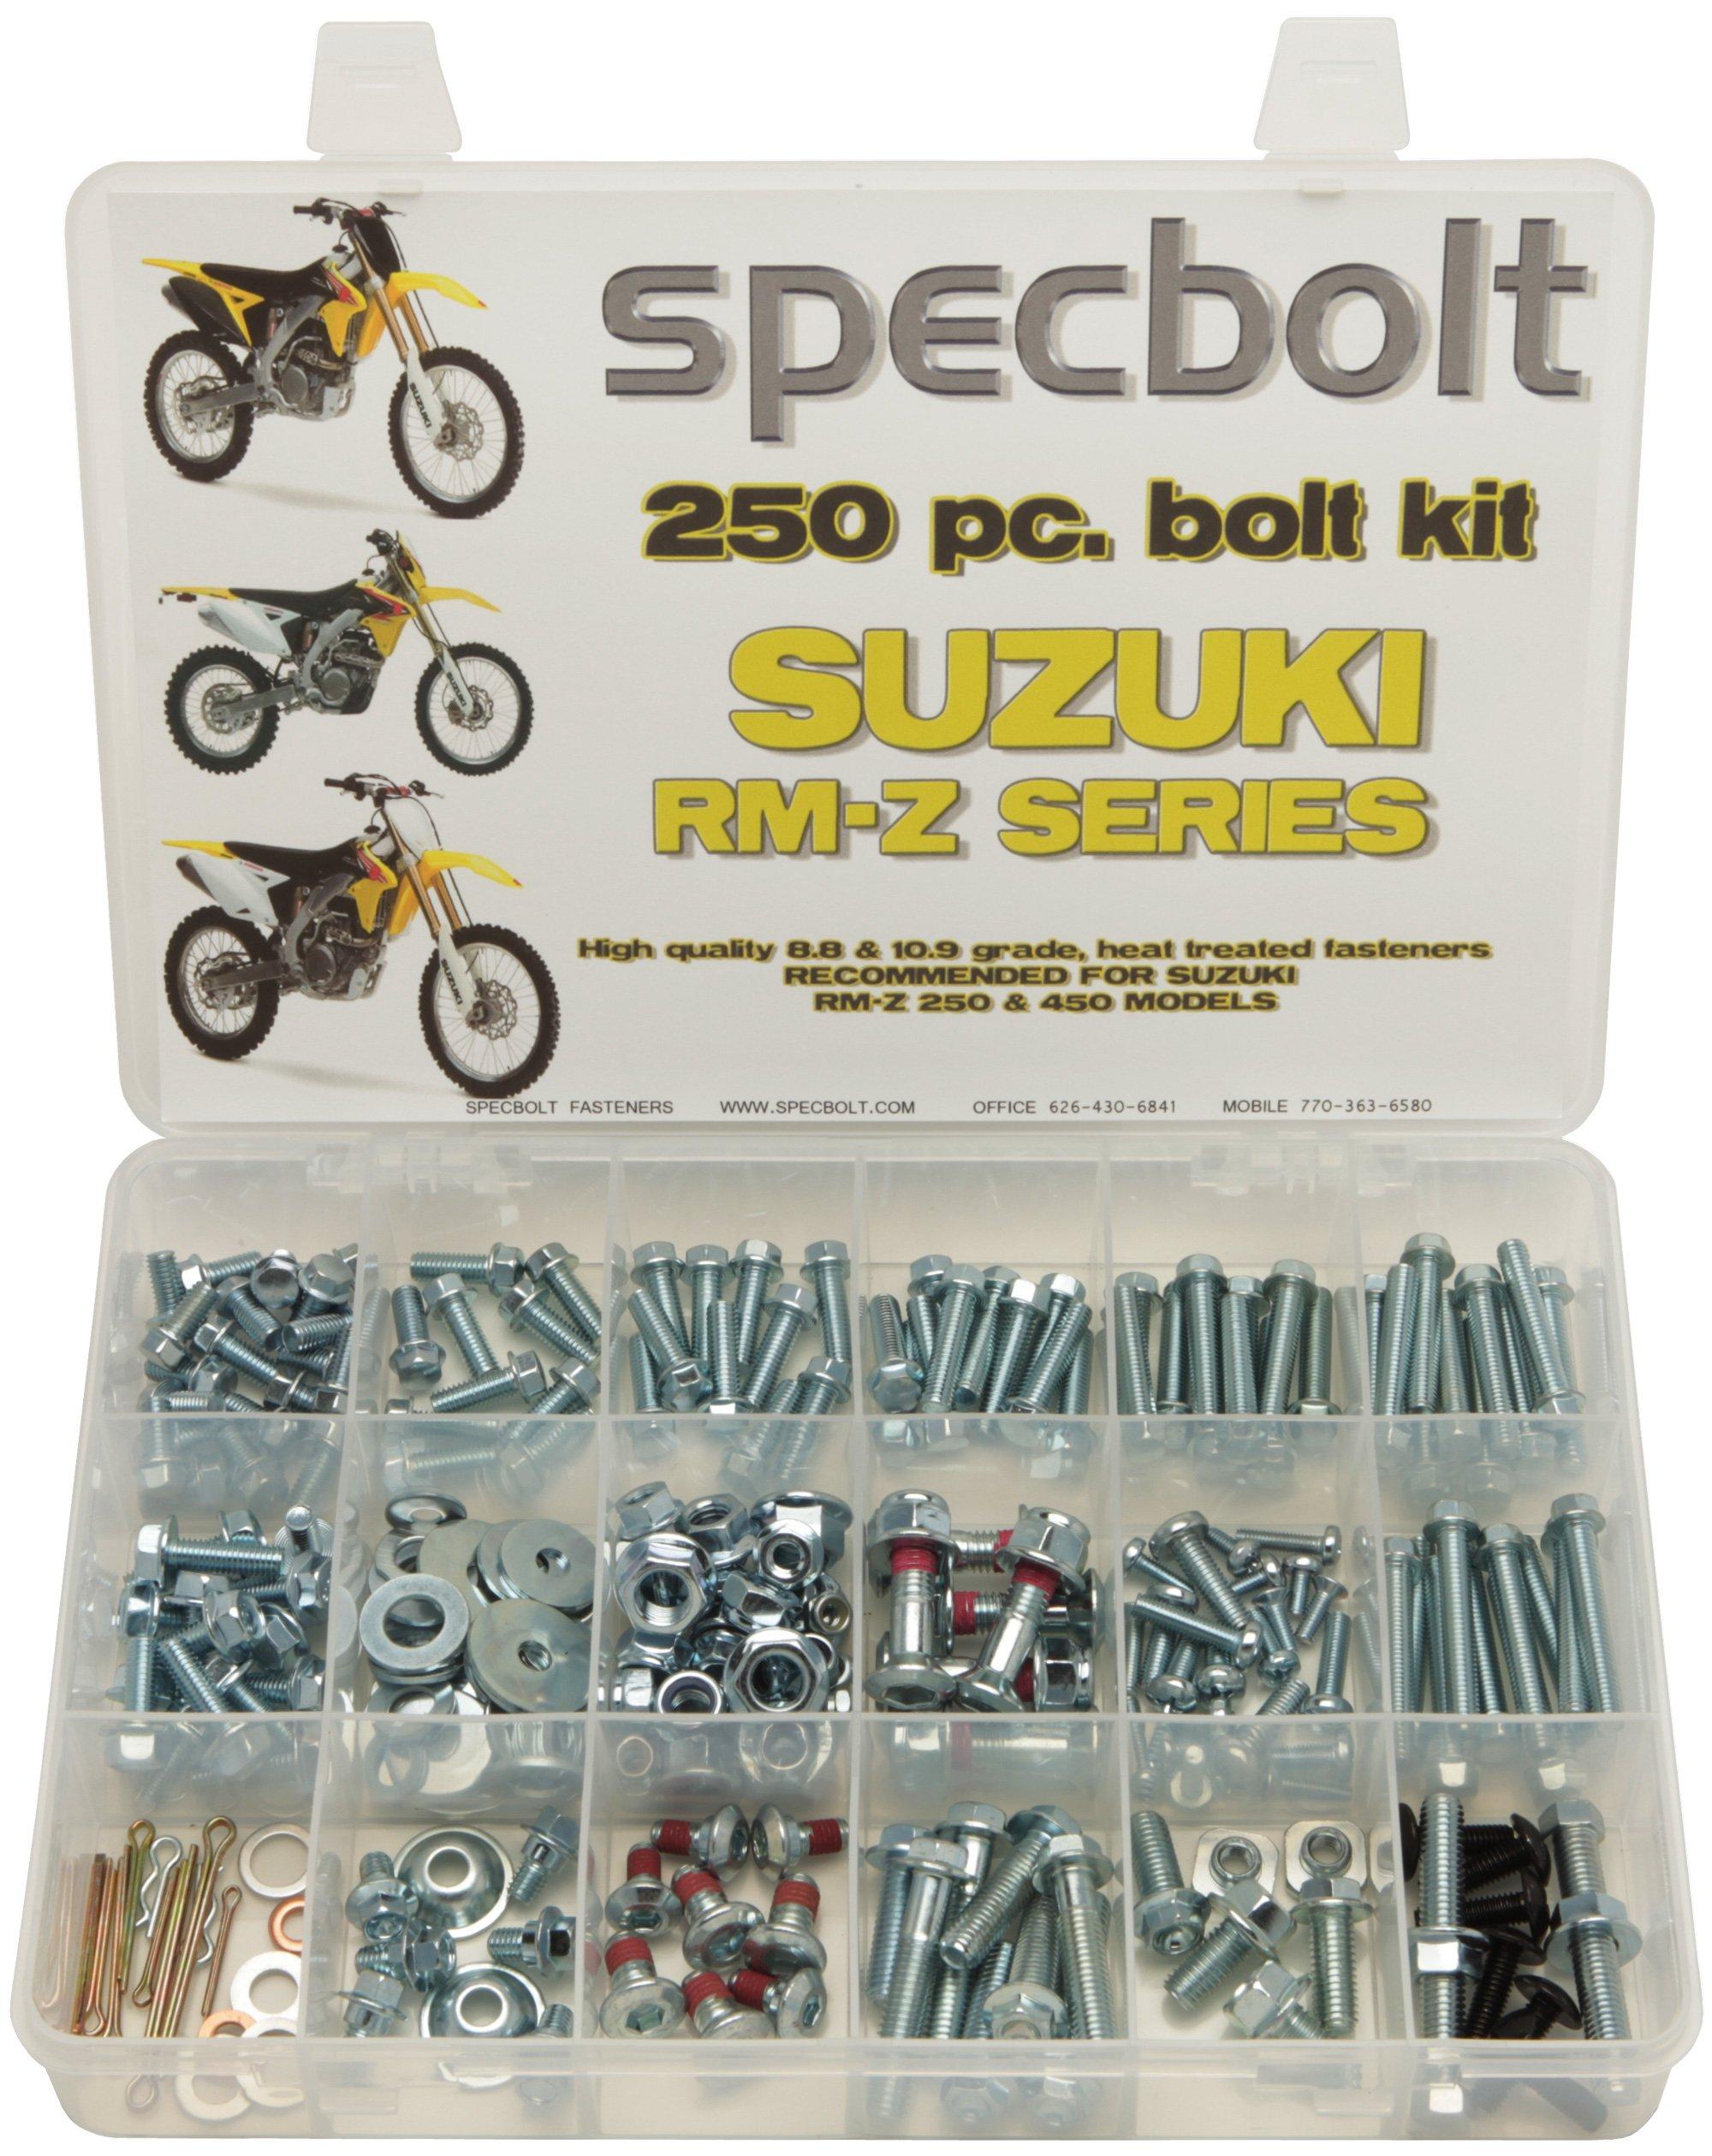 250pc Specbolt Suzuki RMZ 250 or 450 four stroke Bolt Kit for Maintenance & Restoration of MX Dirtbike OEM Spec Fastener RM-Z RM-Z250 RM-Z450 RMZ250 RMZ450